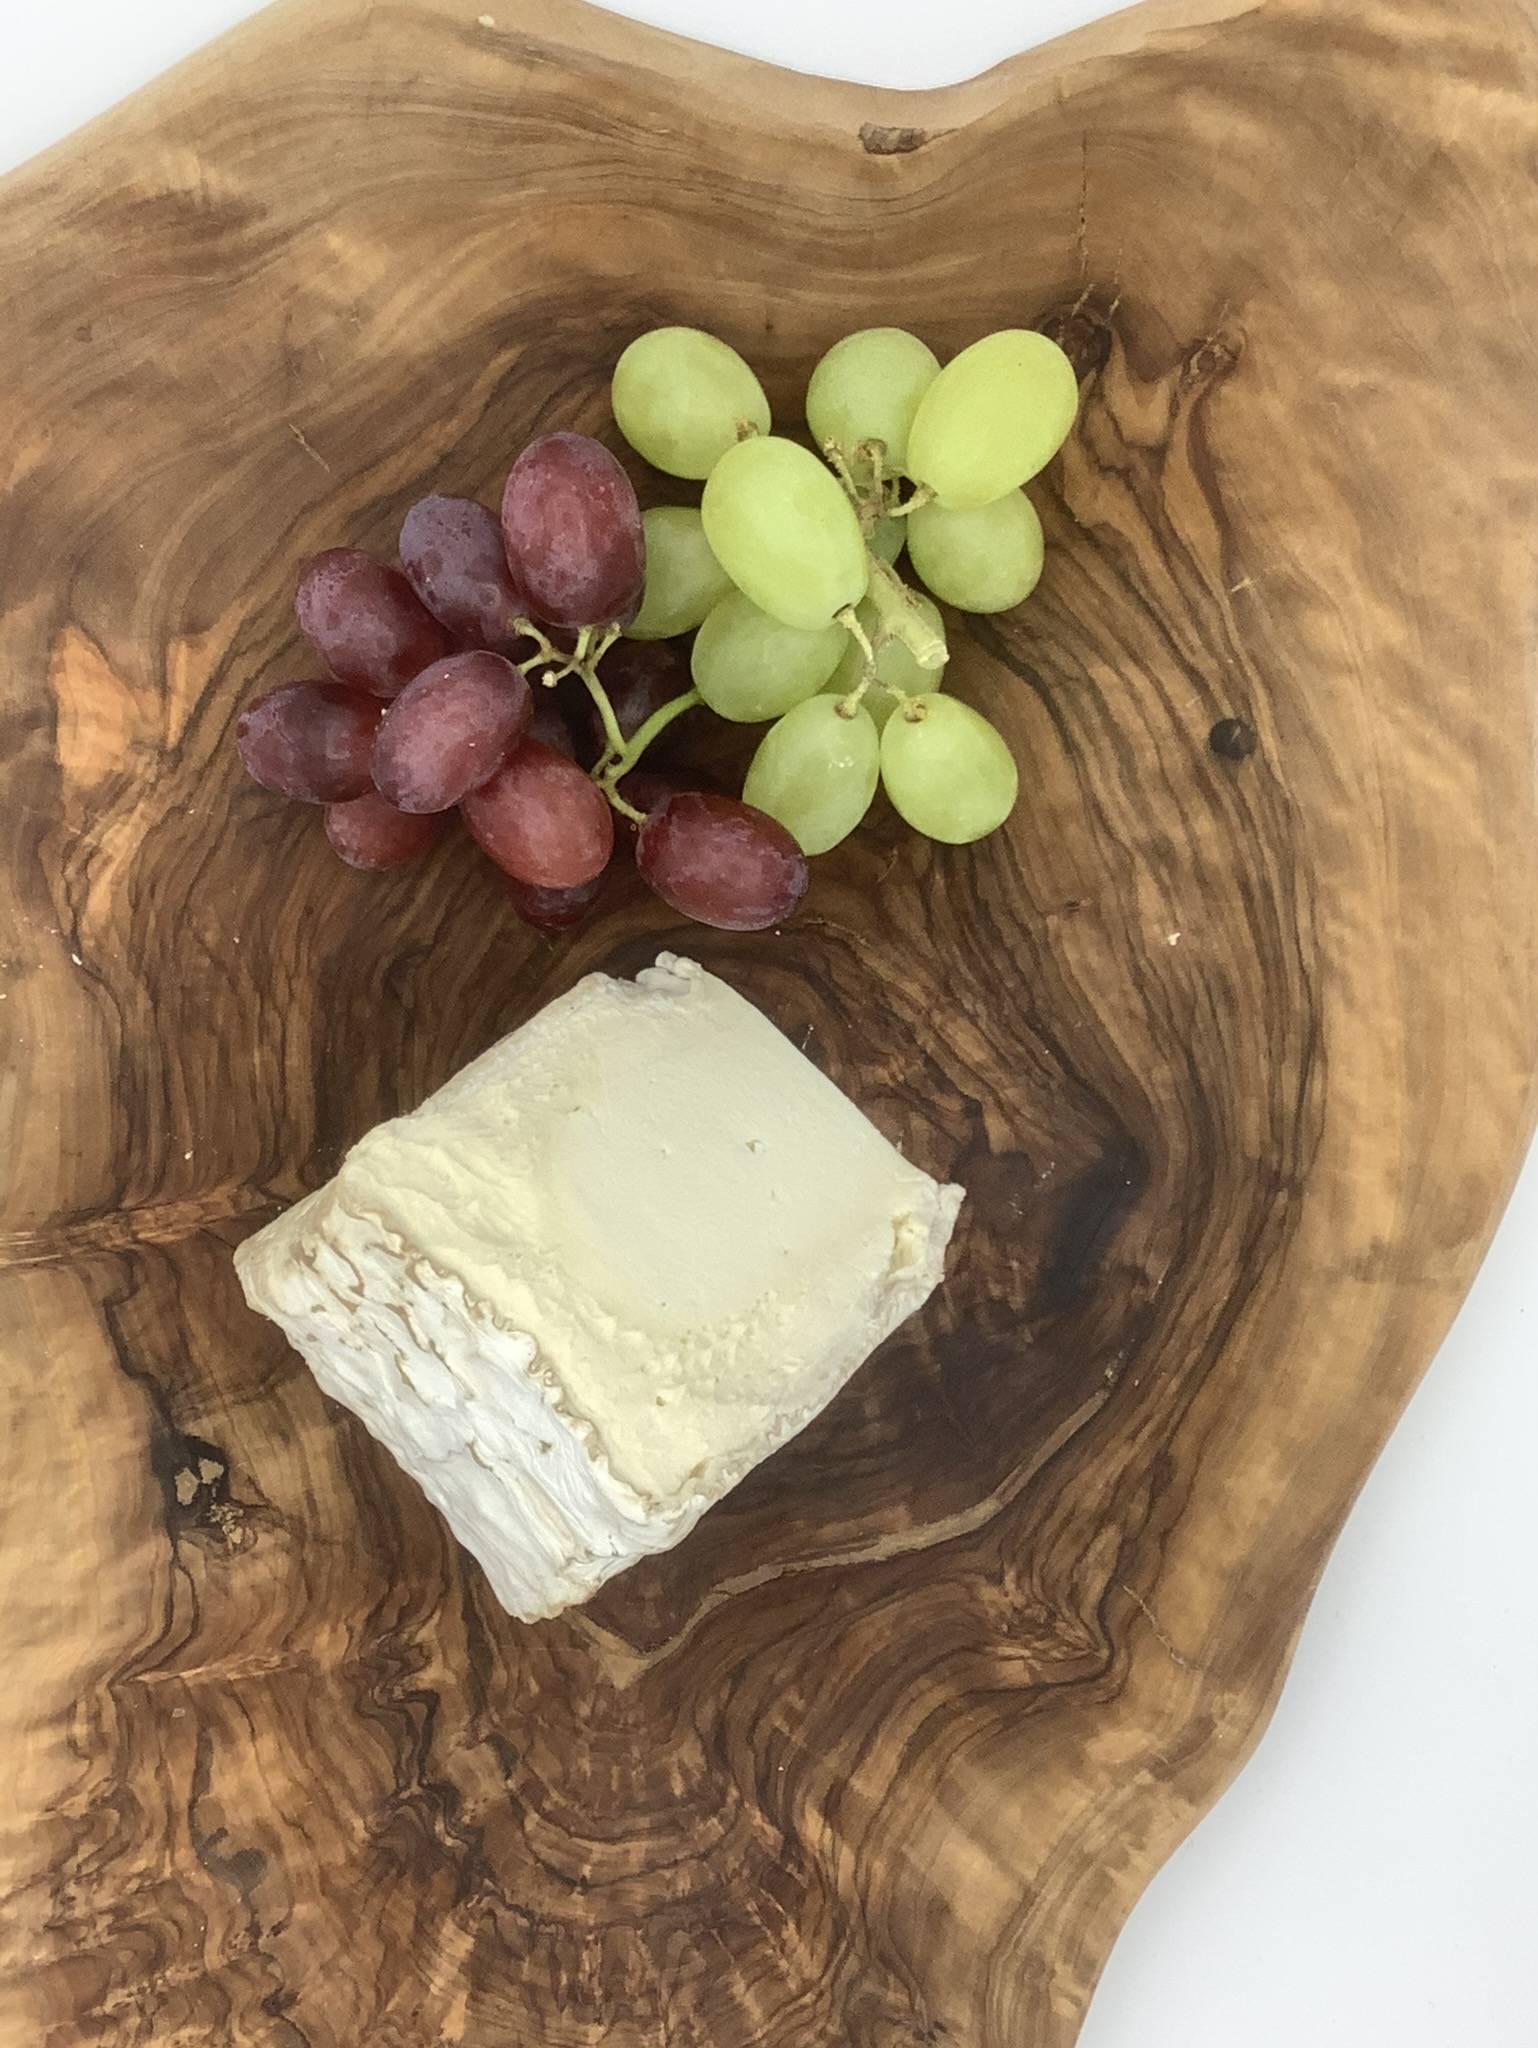 Delice de Bourgogne Soft & Semi-soft